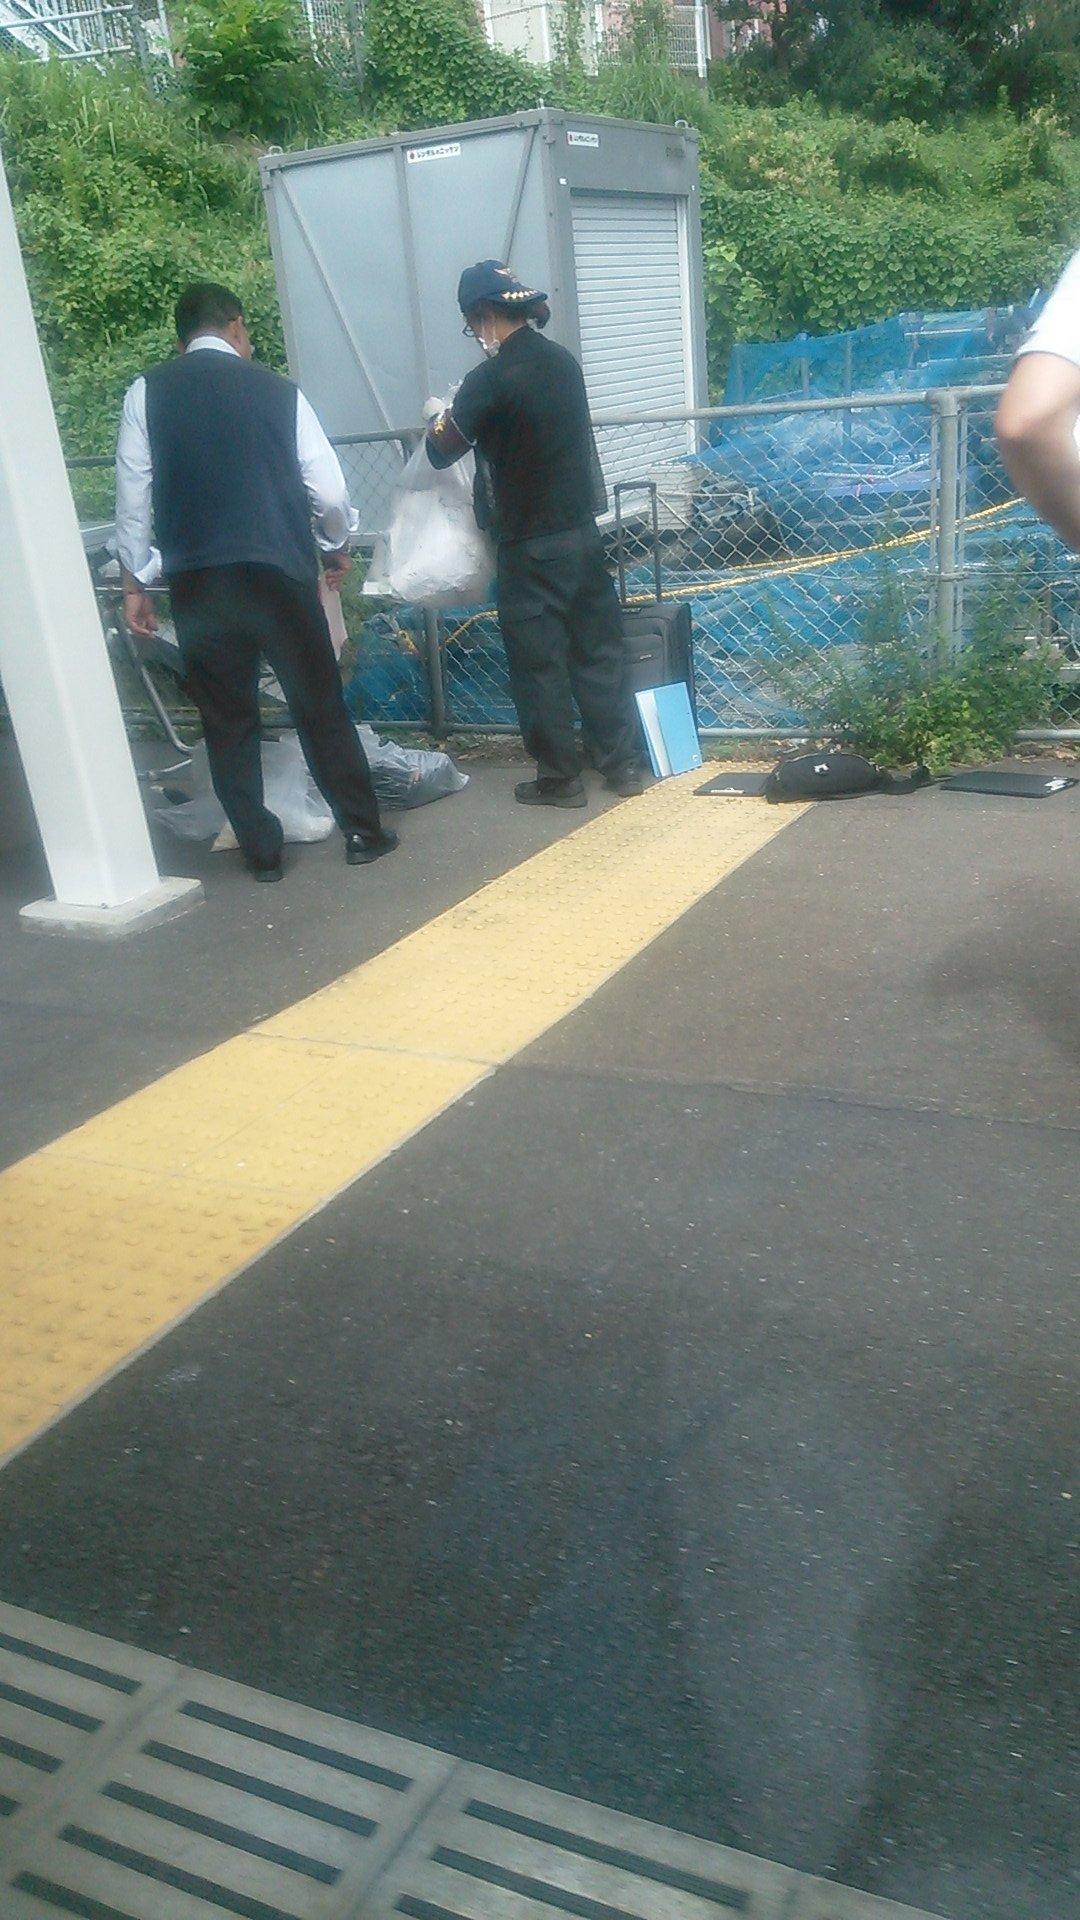 西国分寺駅の人身事故で現場検証している画像